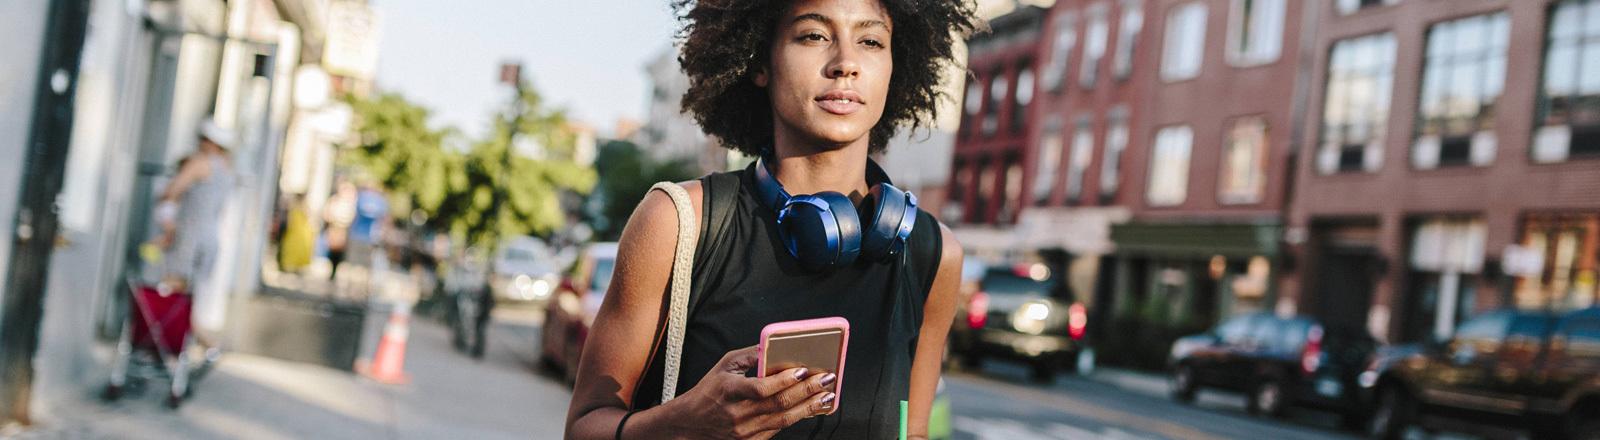 Eine Frau läuft eine Straße hinunter, sie hält ein Smartphone in der Hand.